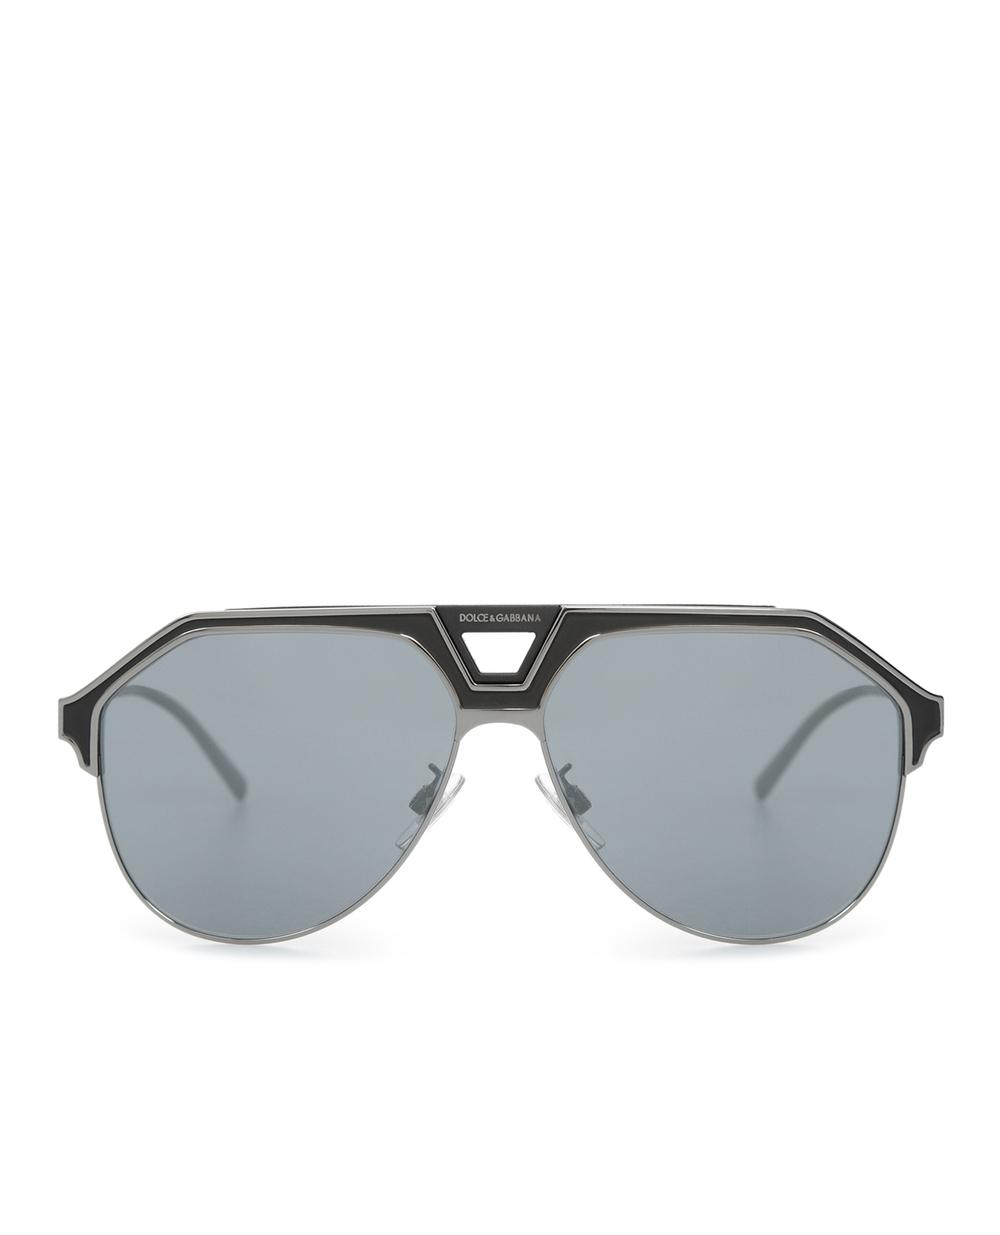 Солнцезащитные очки Dolce&Gabbana 225712776G60 — Kameron